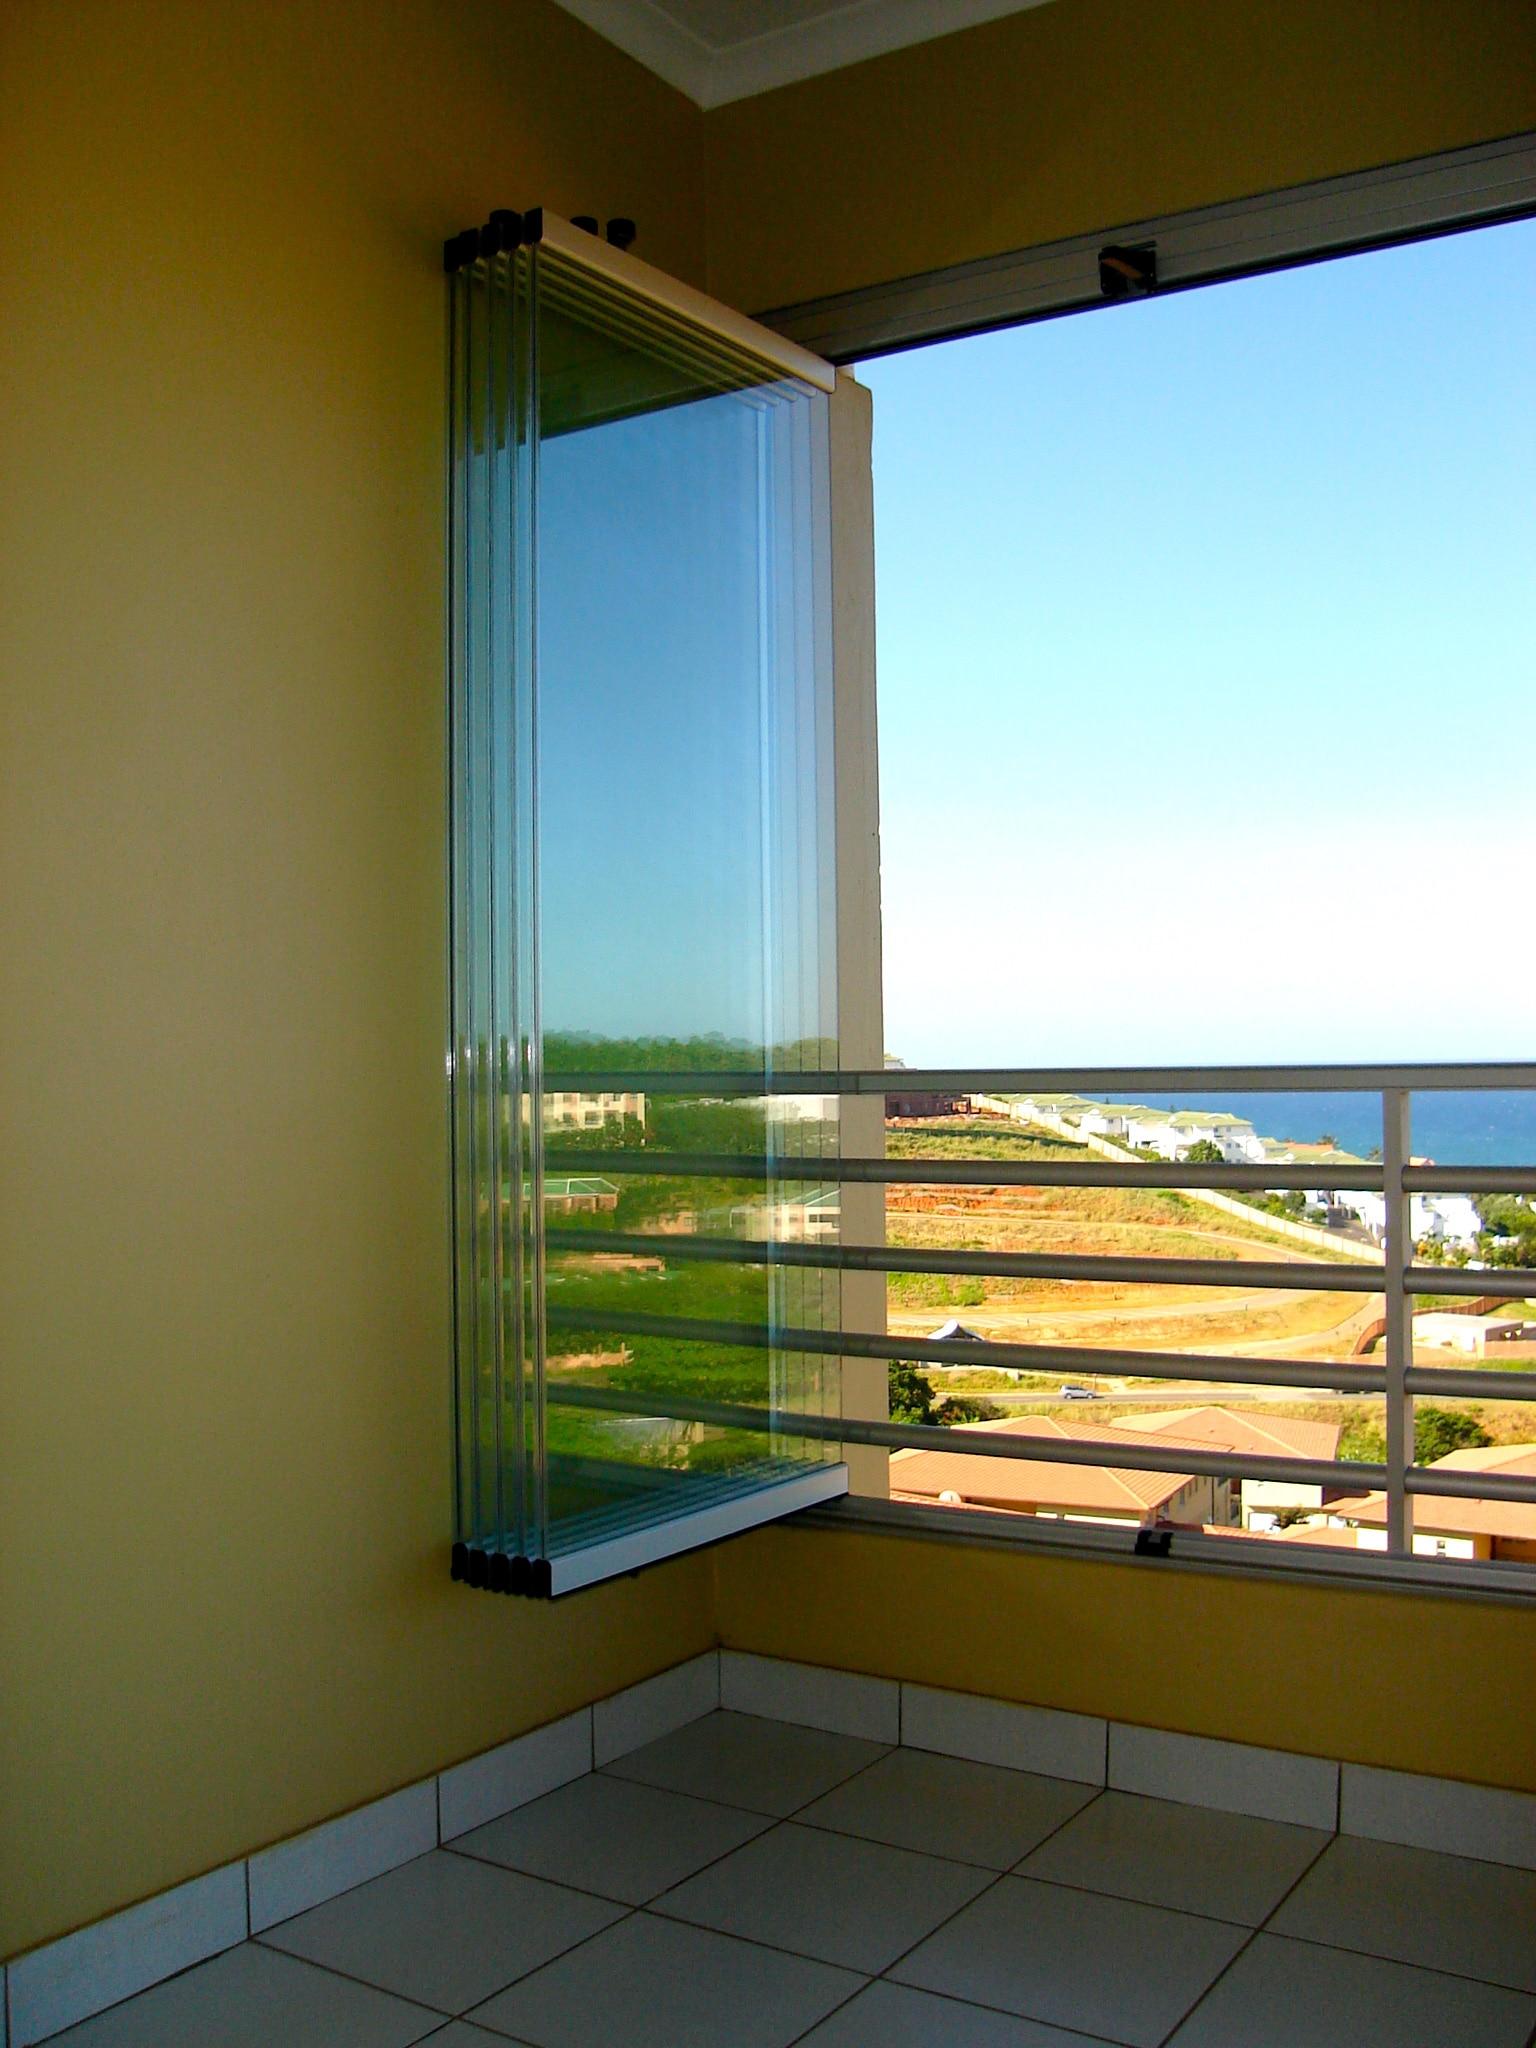 Balkonverglasungen vor einem Geländer montiert